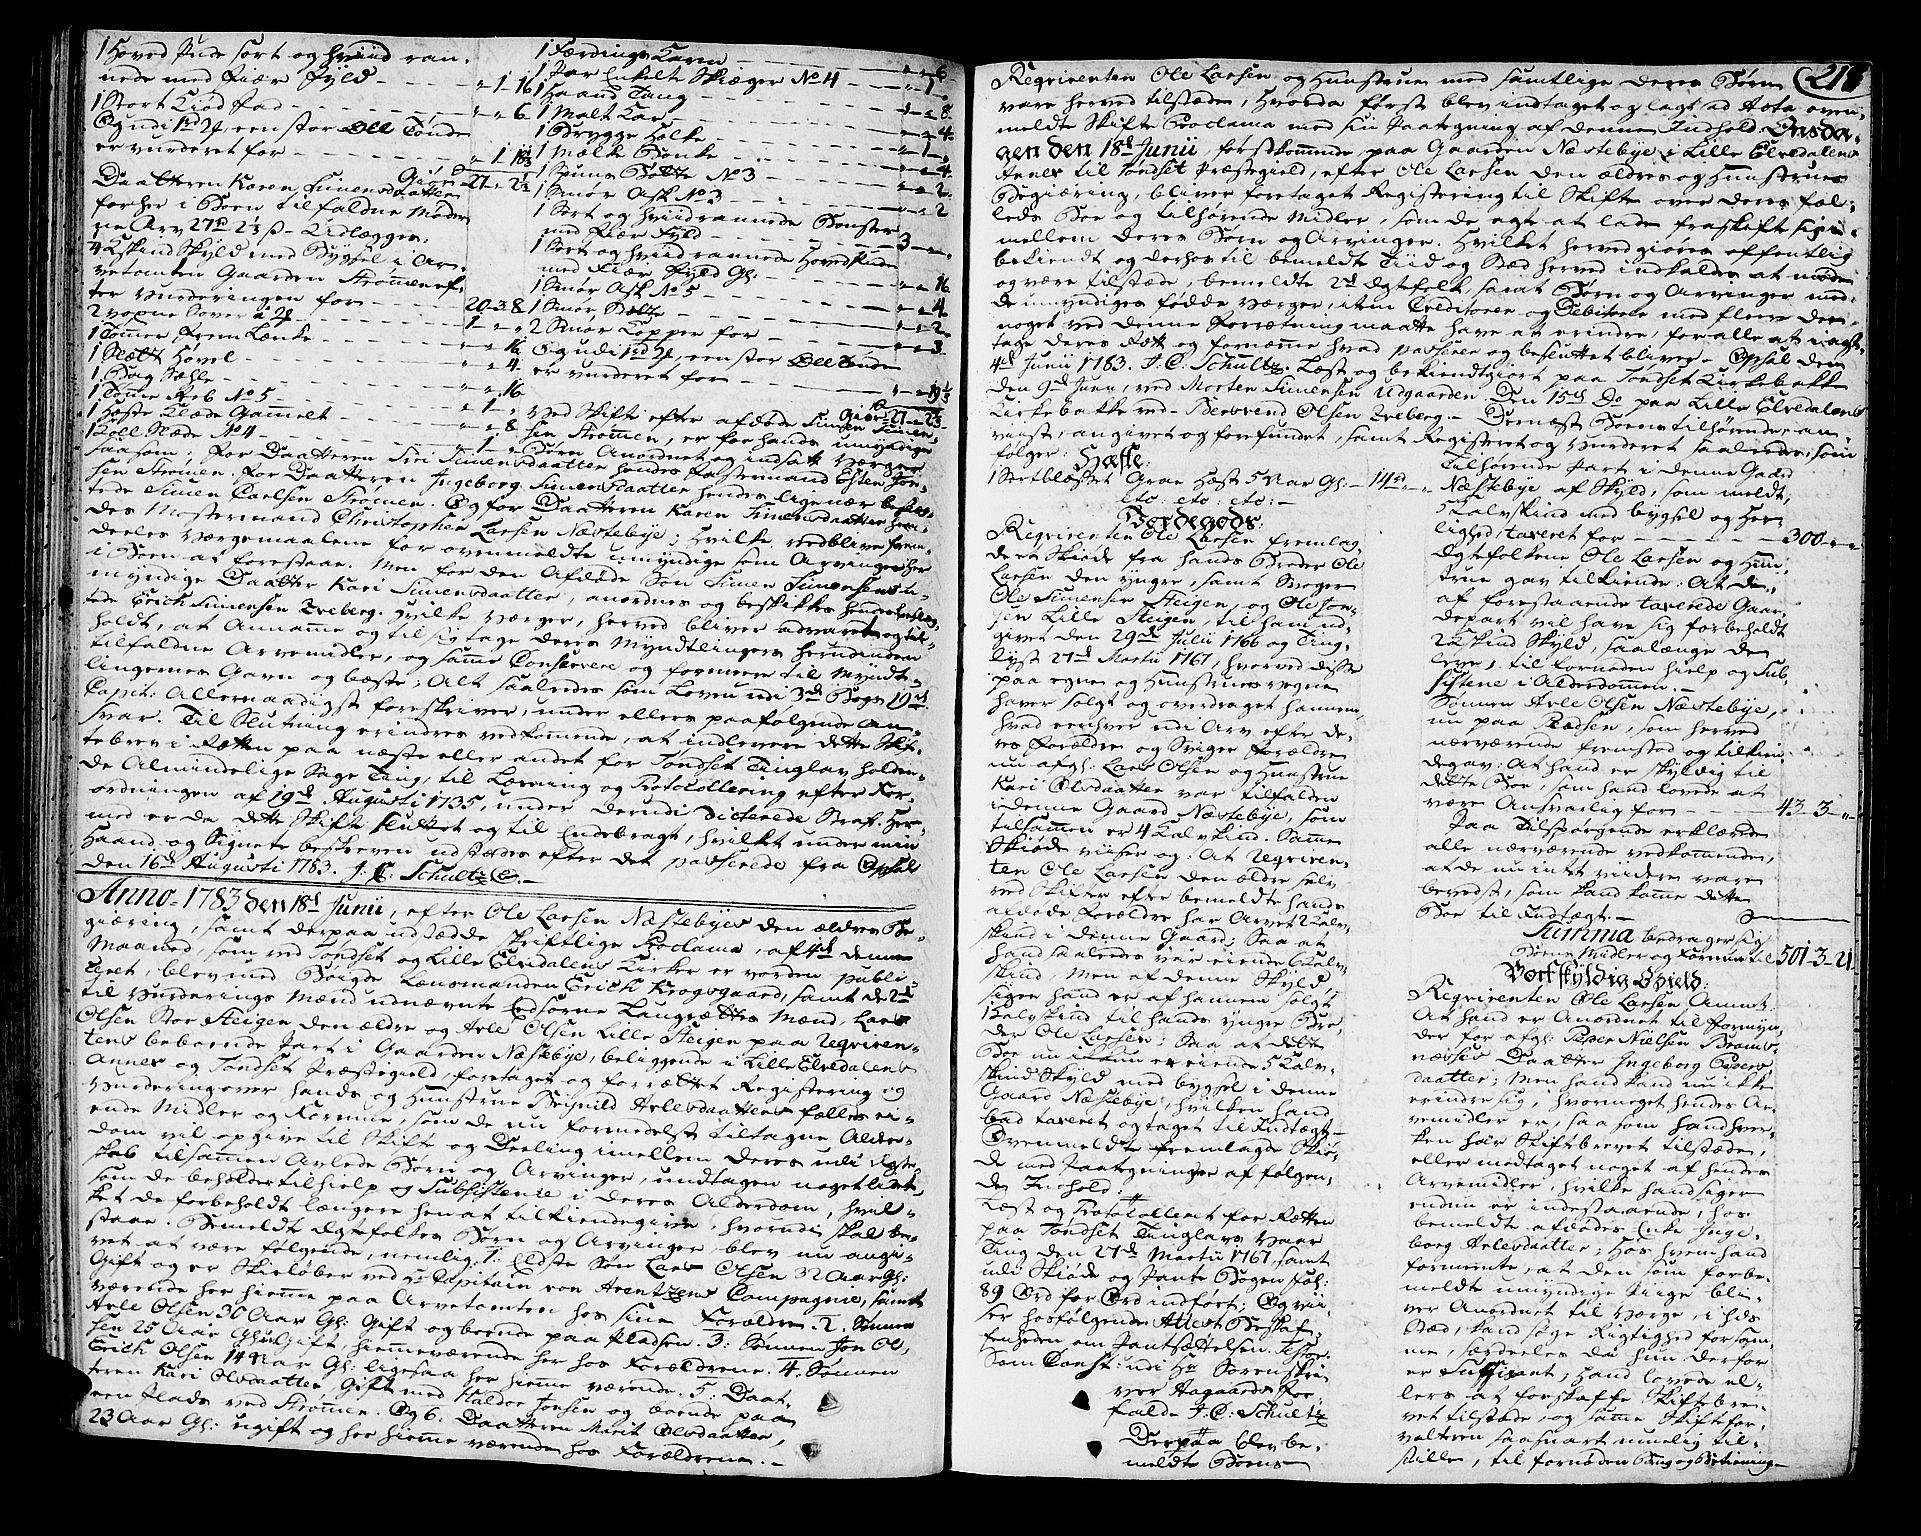 SAH, Østerdalen sorenskriveri, J/Ja/L0004: Skifteprotokoll, 1781-1785, s. 216b-217a